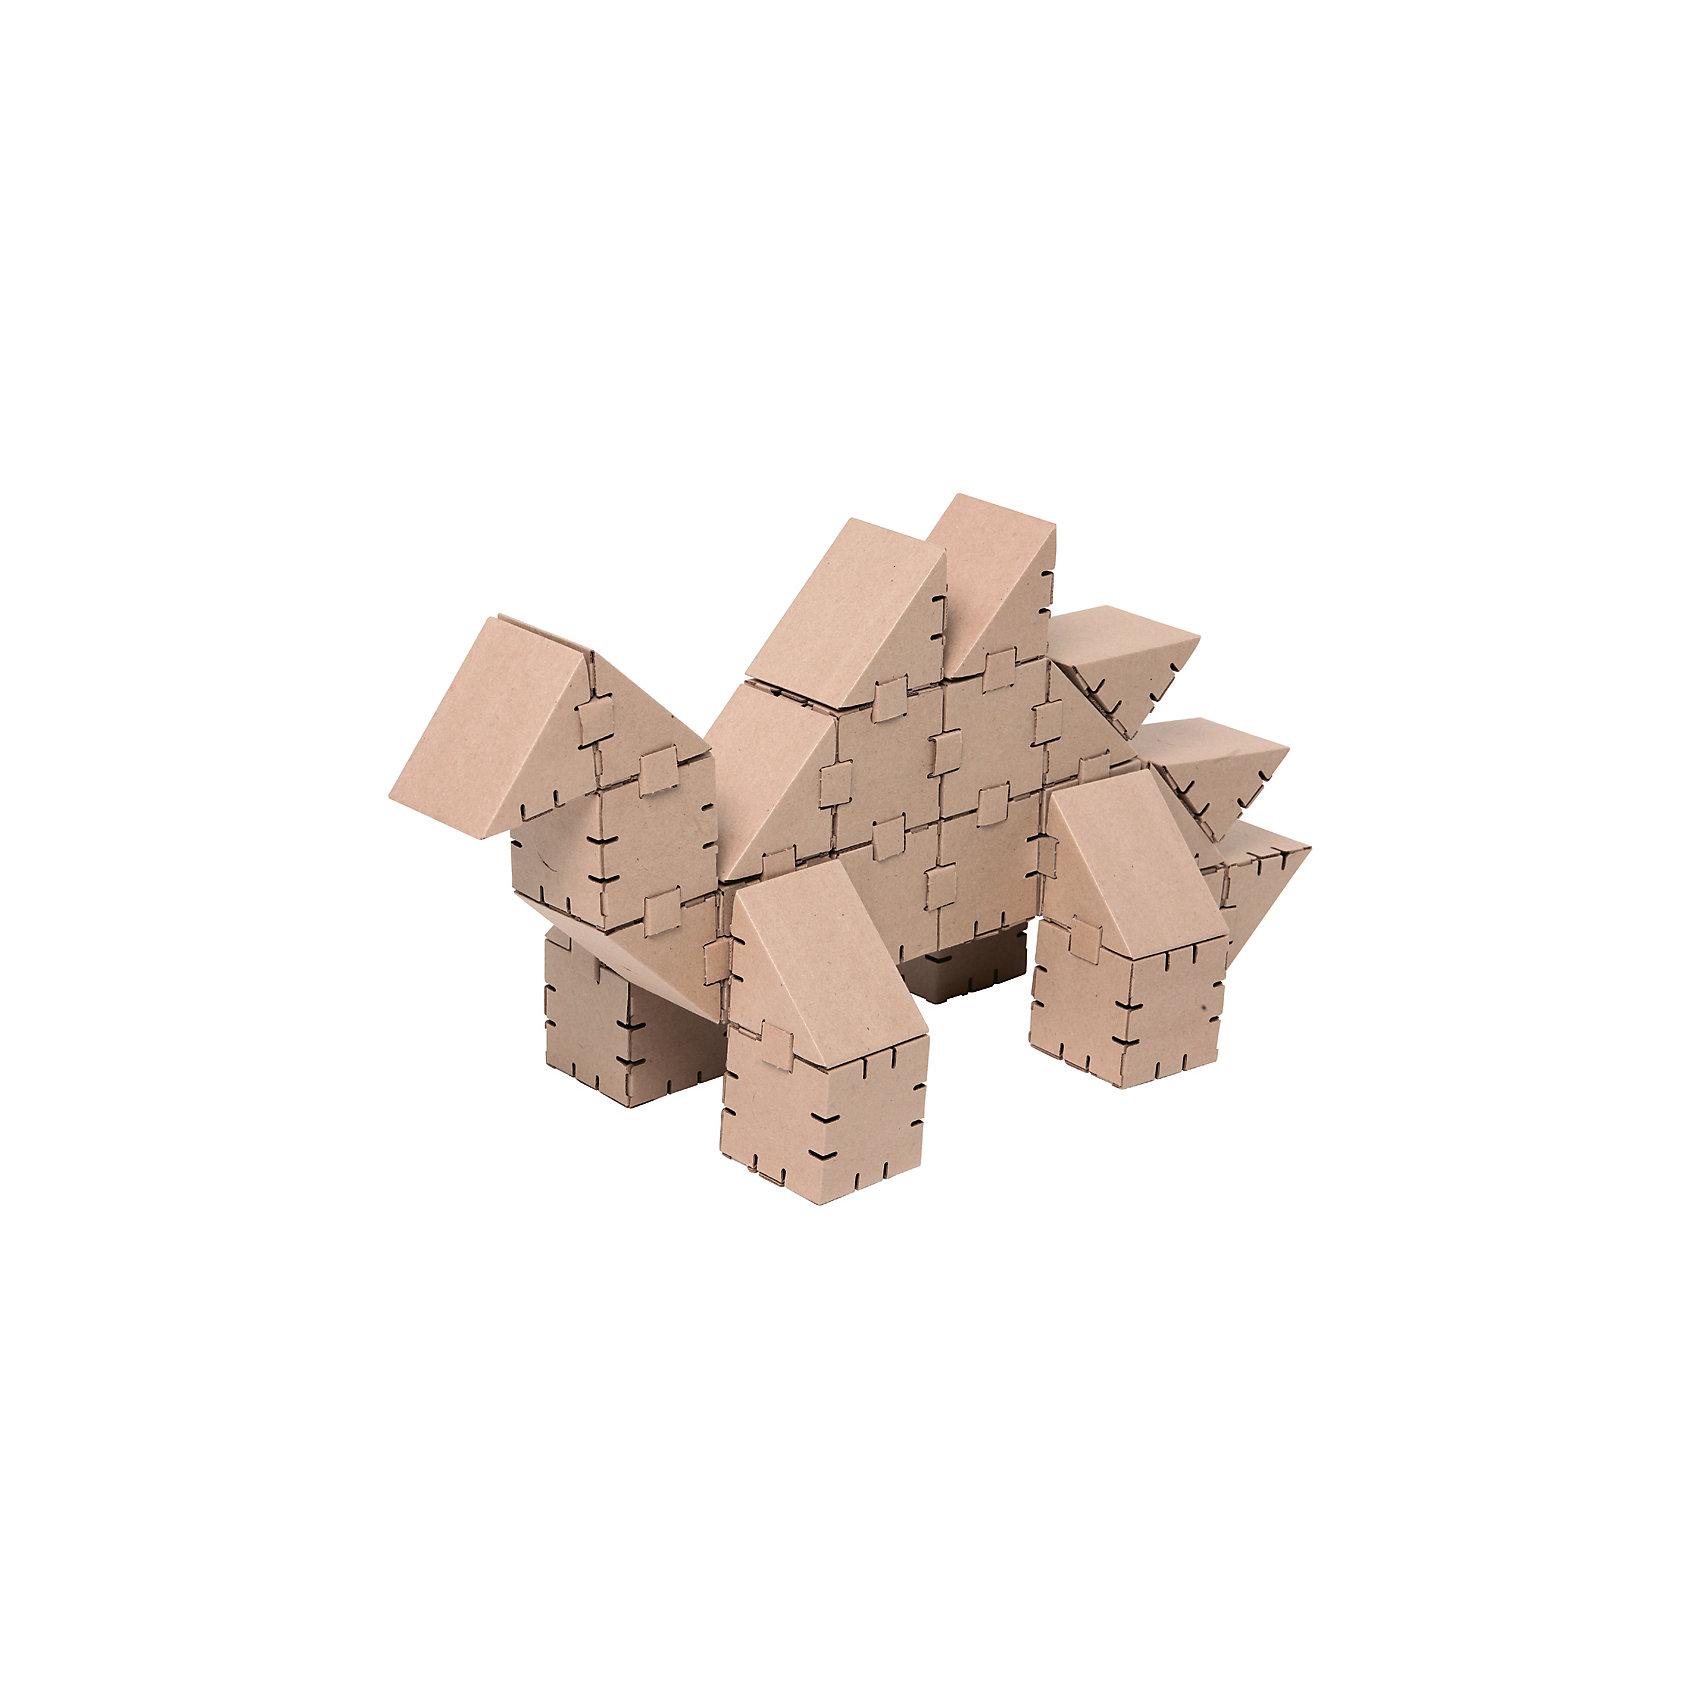 Картонный конструктор Динозавр Стего, YohocubeКартонный конструктор Динозавр Стего, Yohocube (Йохокуб).<br><br>Характеристика:<br><br>• Материал: усиленный картон (1,5 мм). <br>• Размер упаковки: 37х31х5,5 см. <br>• Размер одного кубика: 8 см. <br>• 27 деталей. <br>• Развивает моторику рук, внимание, пространственное мышление и воображение. <br>• Картонную фигурку можно раскрасить.<br><br>С помощью этого набора ребенок сможет собрать своего собственного ручного динозавра! Все детали выполнены из прочного экологичного картона, они надежно и легко крепятся друг к другу, не рассыпаются и не мнутся. Прекрасный подарок на любой праздник! <br>Конструирование - отличный вид творческой деятельности, в процессе которого развивается внимание, моторика рук, пространственное мышление и воображение. <br><br>Картонный конструктор Динозавр Стего, Yohocube (Йохокуб), можно купить в нашем магазине.<br><br>Ширина мм: 370<br>Глубина мм: 310<br>Высота мм: 55<br>Вес г: 760<br>Возраст от месяцев: 72<br>Возраст до месяцев: 144<br>Пол: Унисекс<br>Возраст: Детский<br>SKU: 5154032